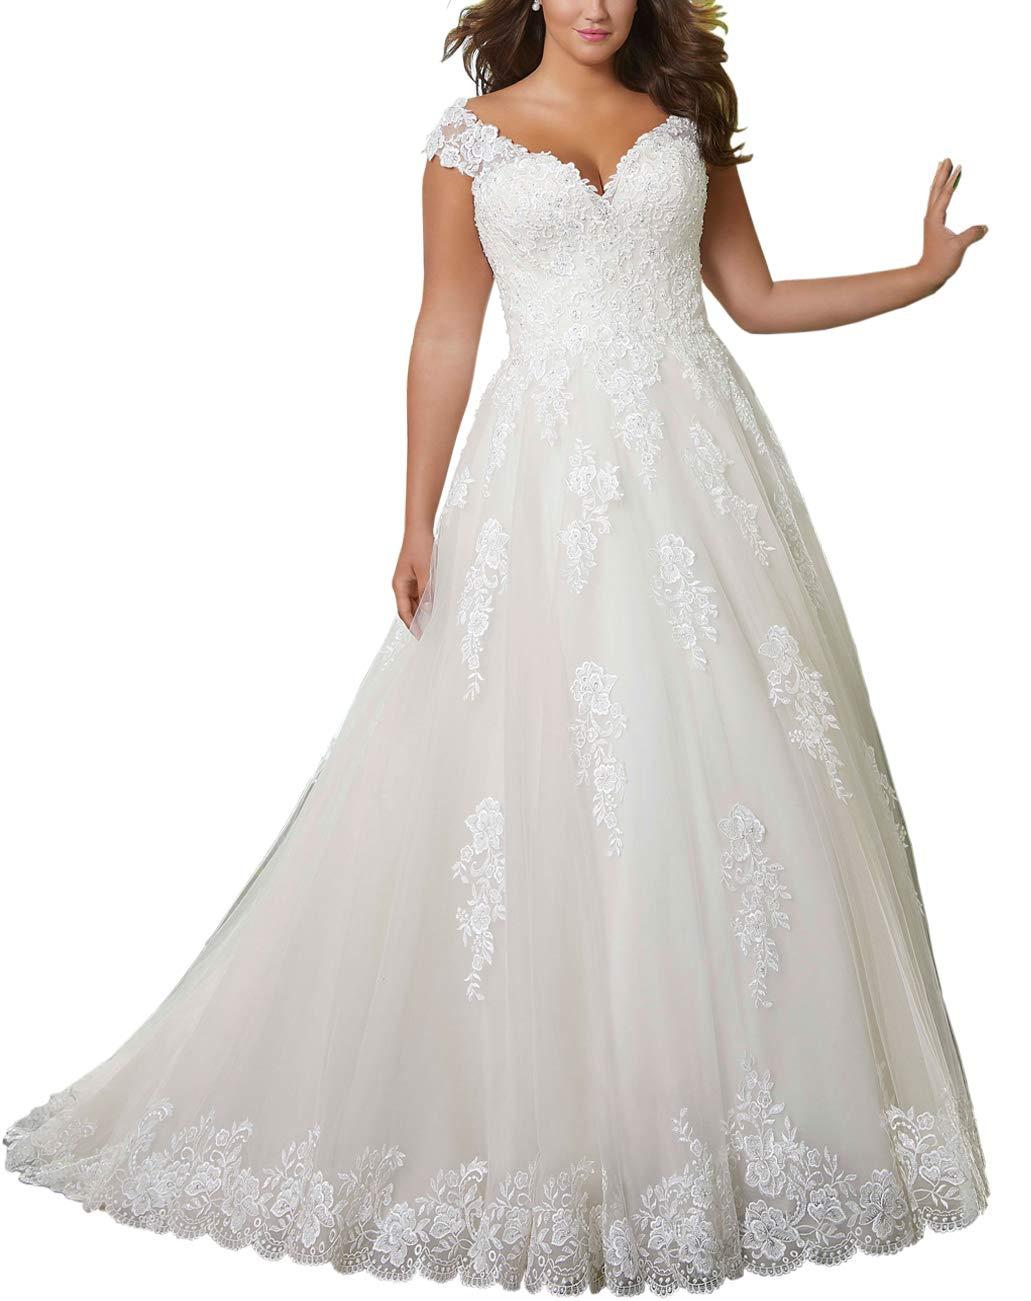 KapokBanyan Plus Size Bridal Ball Gown Vintage Lace Wedding ...